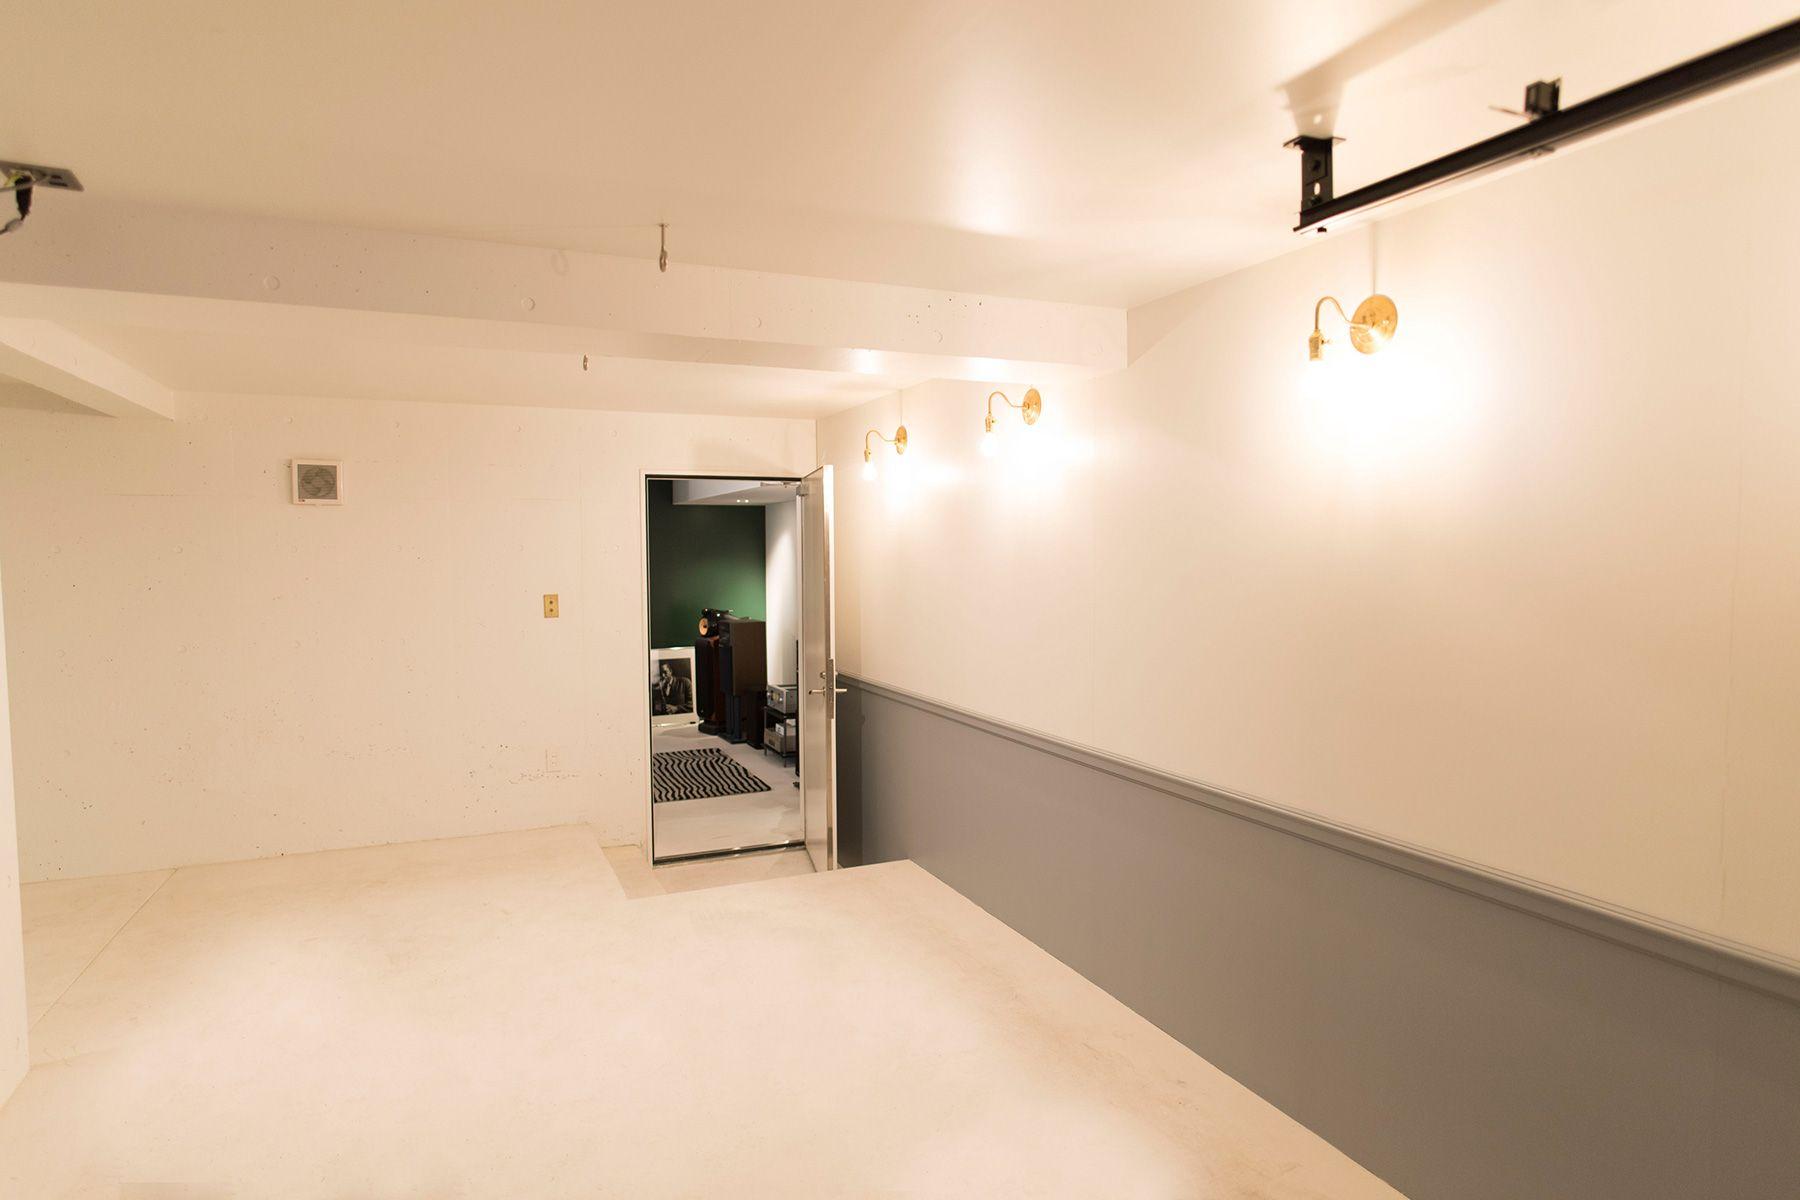 104/個人宅 (イチマルヨン)B1F 2トーンの壁